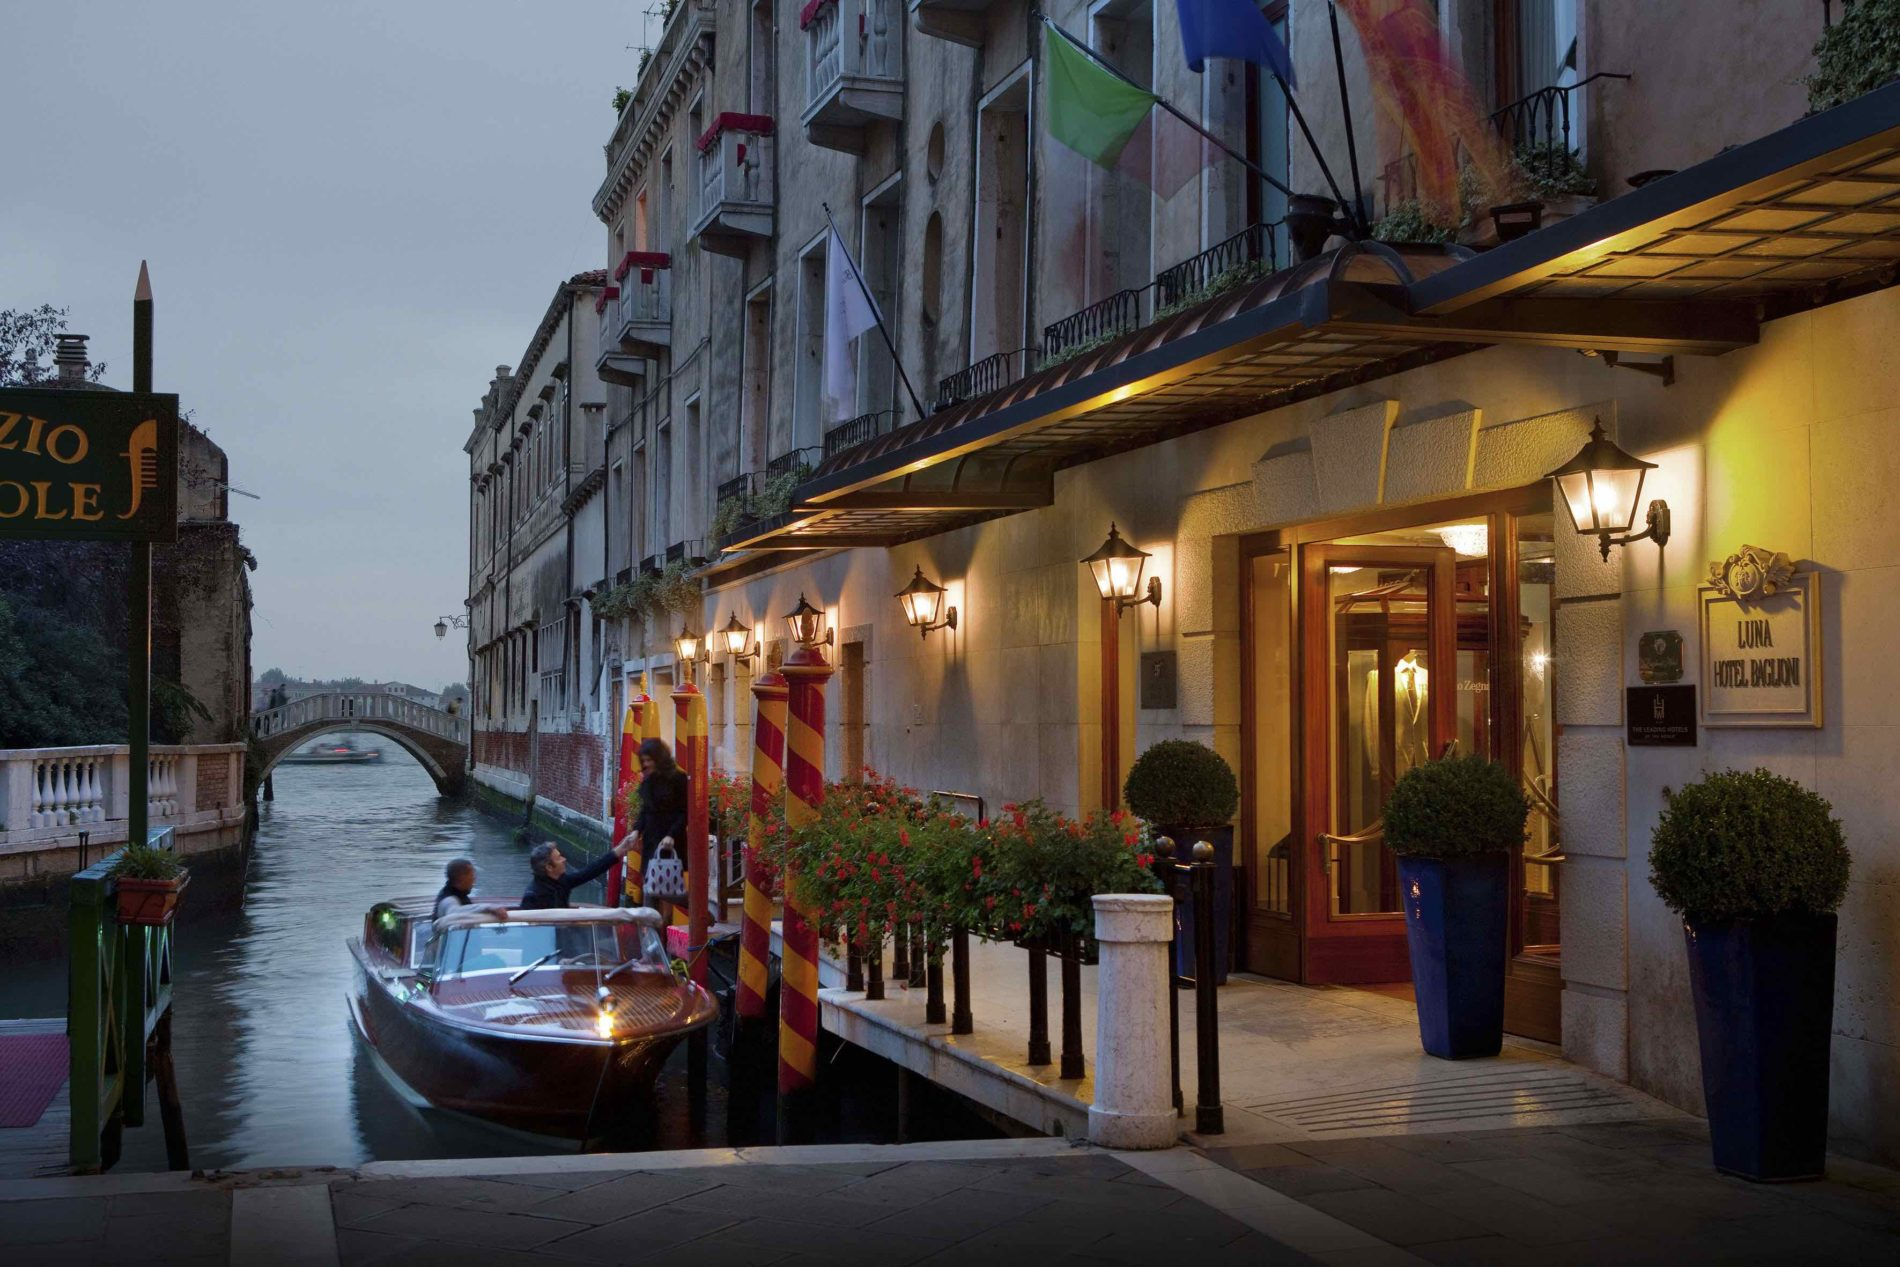 alloggiare a venezia baglioni hotel luna